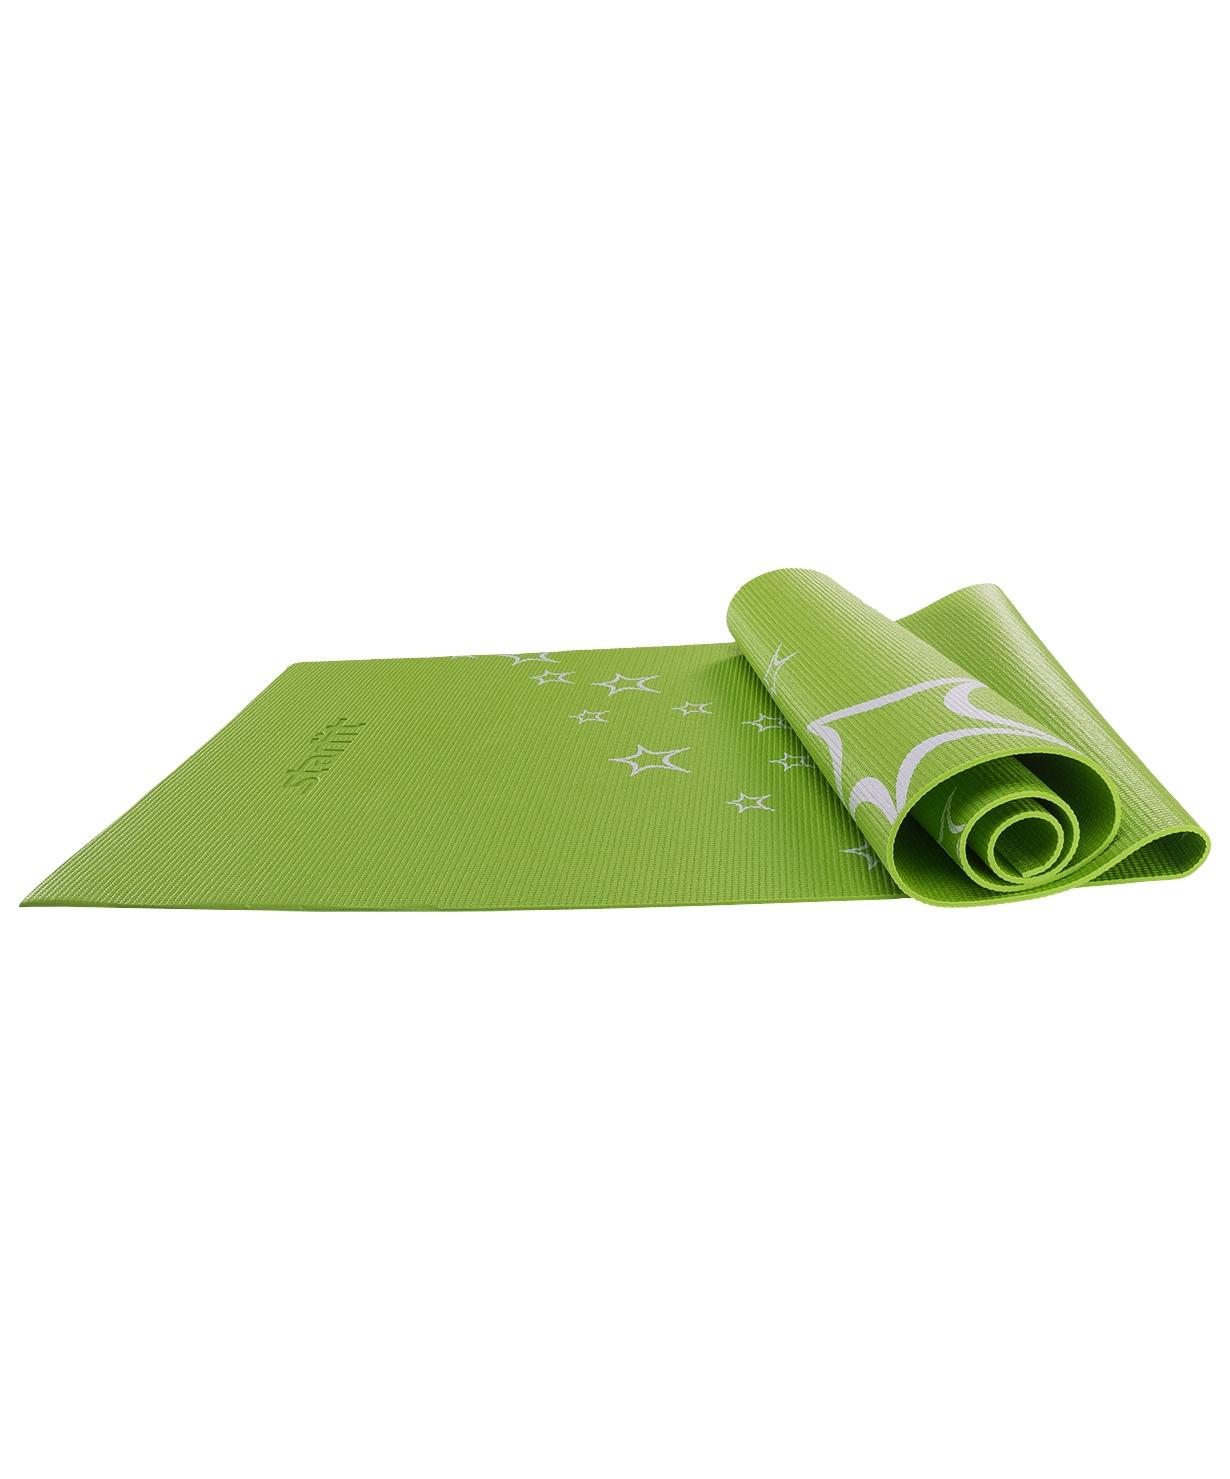 Коврик для йоги STARFIT FM-102 PVC 173x61x0,6 см, с рисунком, зеленый коврик для йоги onerun цвет зеленый 173 х 61 см